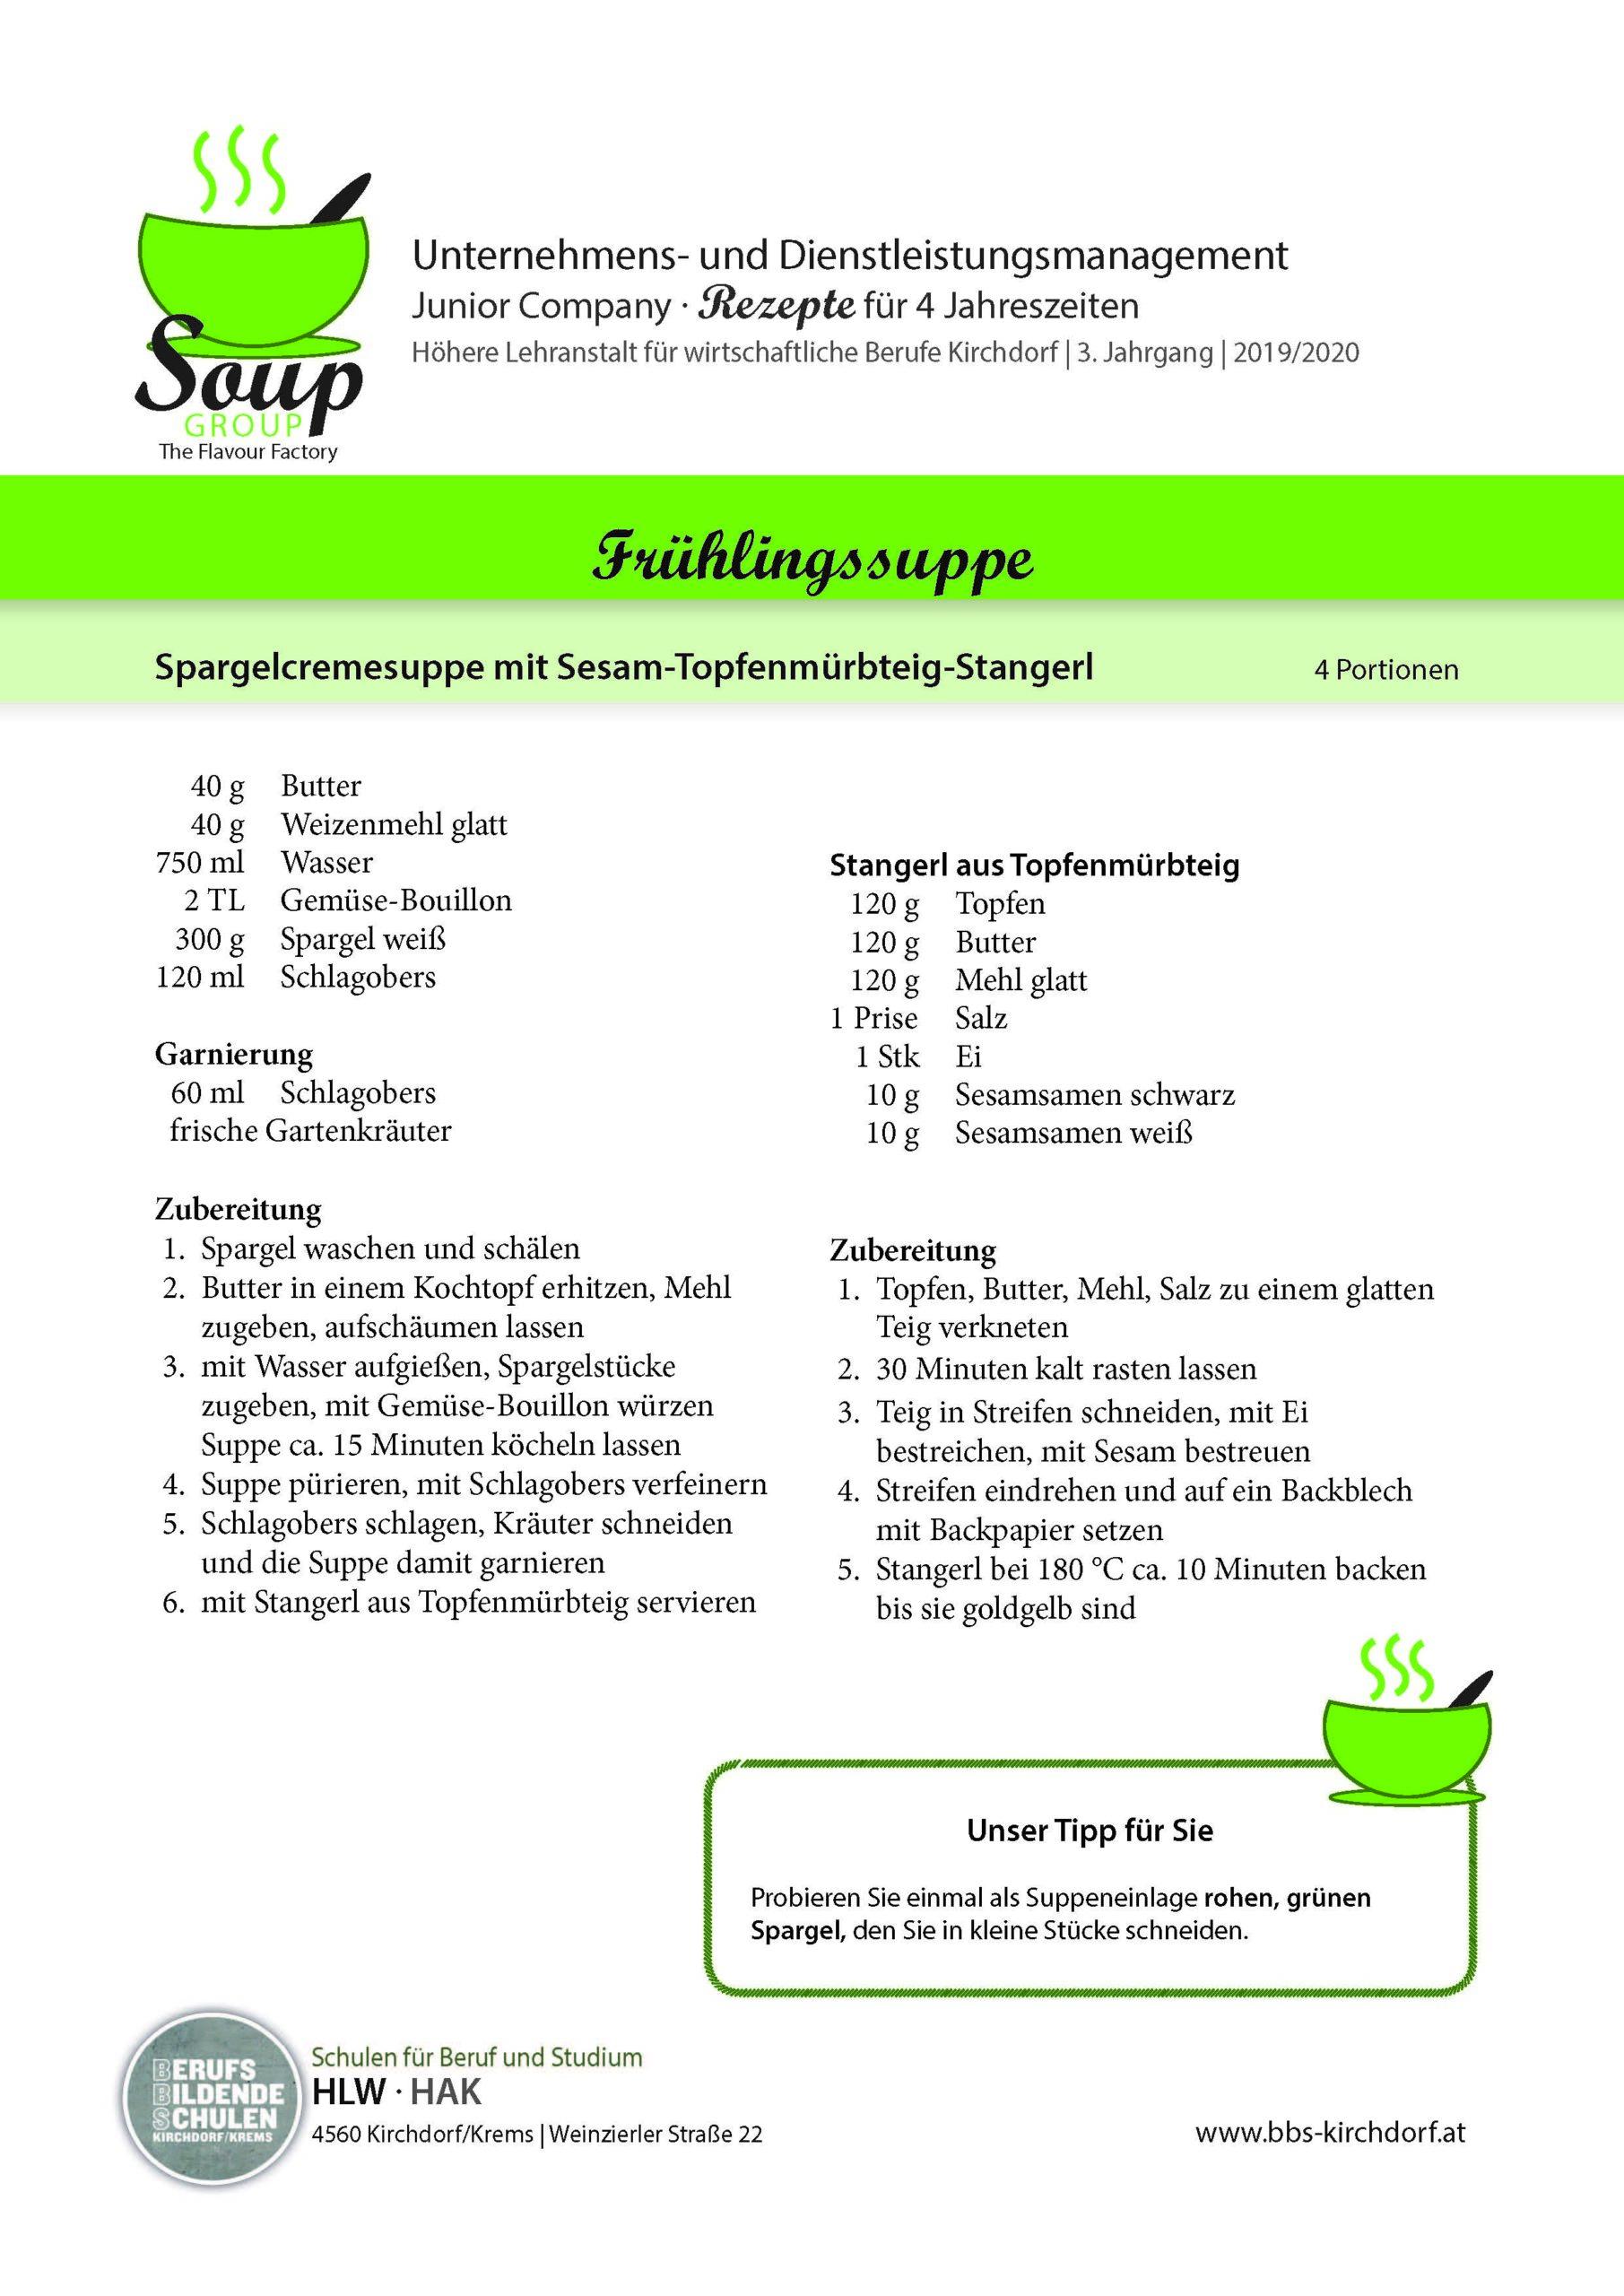 HLW_Jg3b_UDM_FruehlingRezepte2020_Seite_1